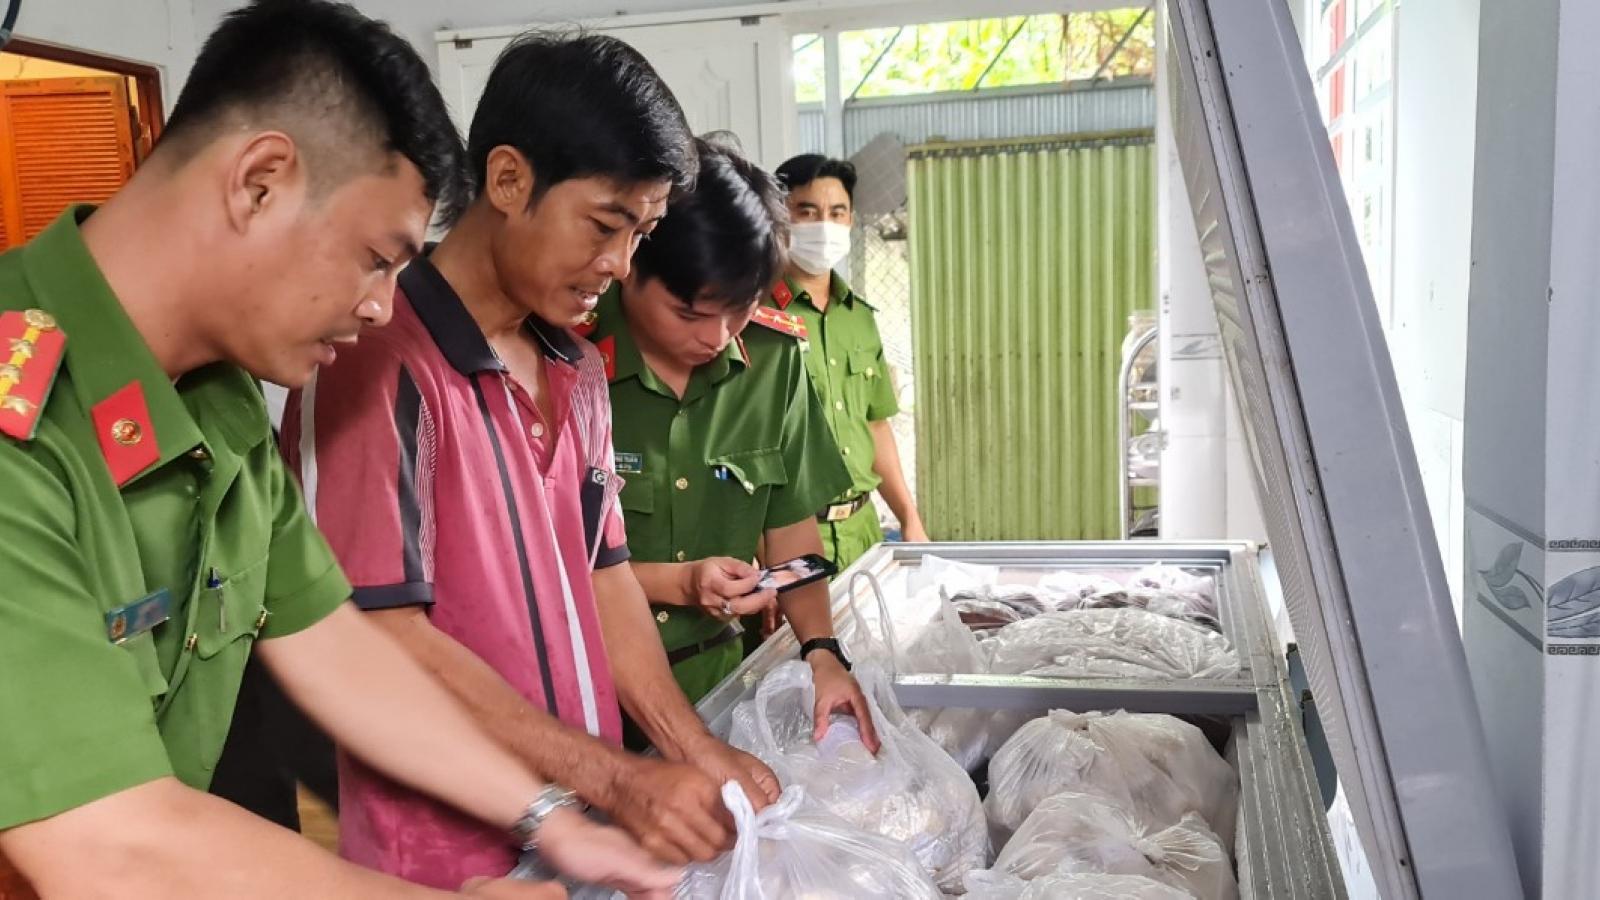 Thu giữ 3 tấn thực phẩm chay không rõ nguồn gốc tại An Giang